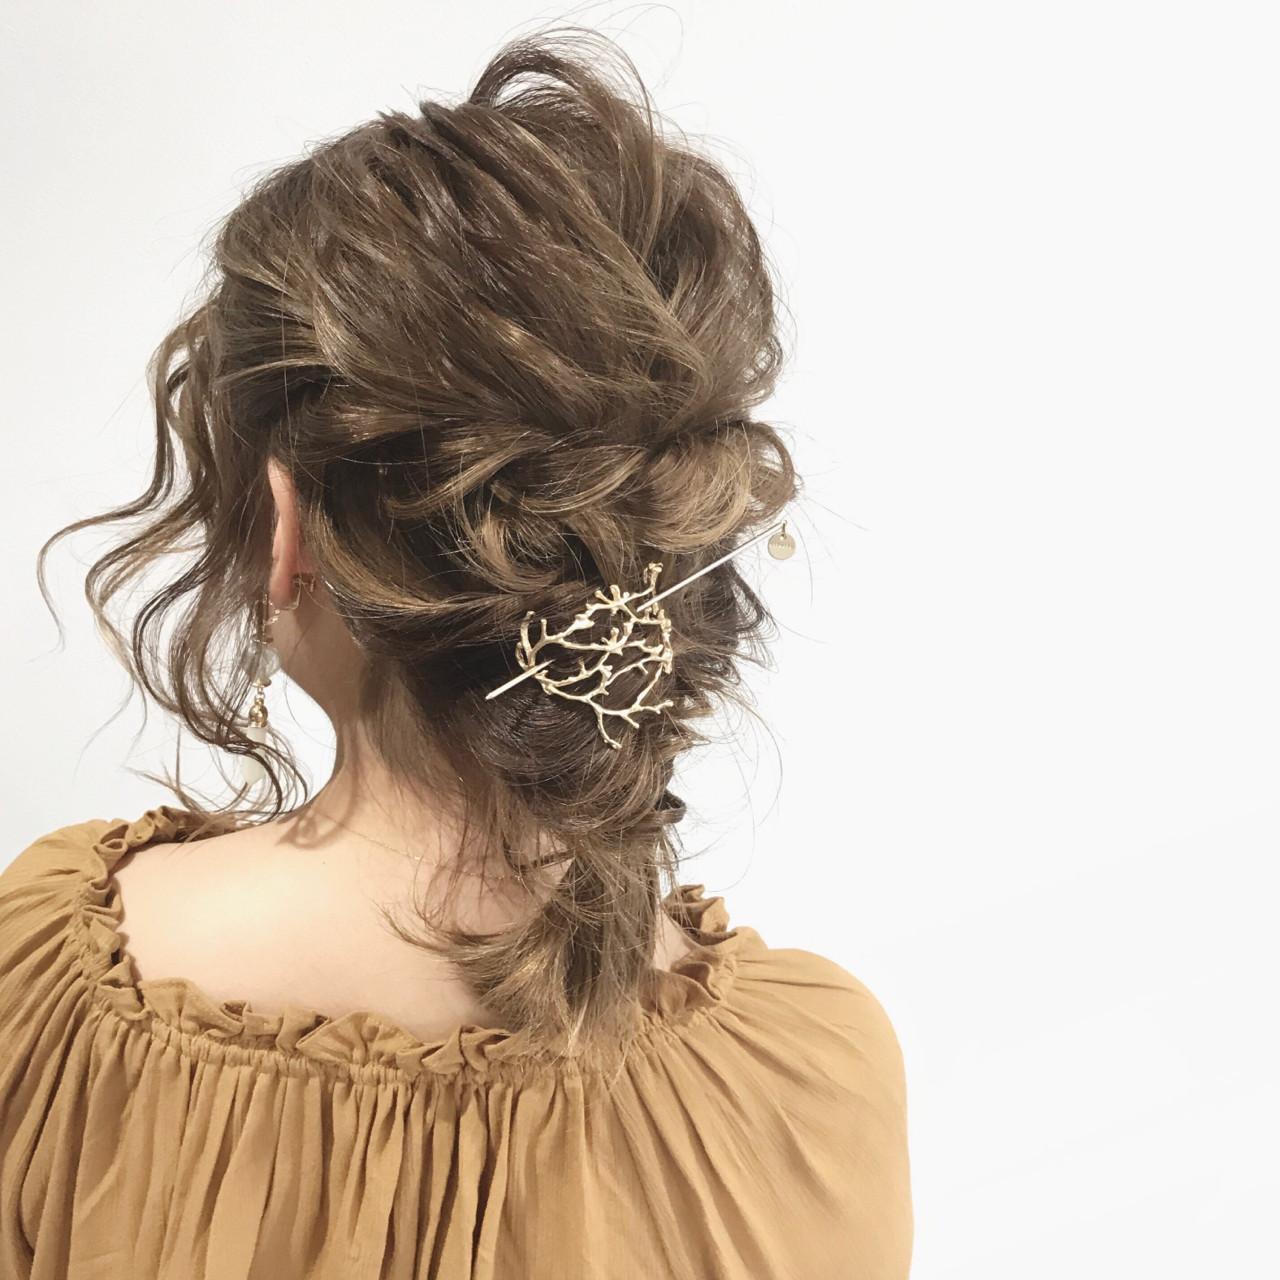 いつもの髪型に髪飾りをプラスした簡単ヘアアレンジでオシャレ度UP♡